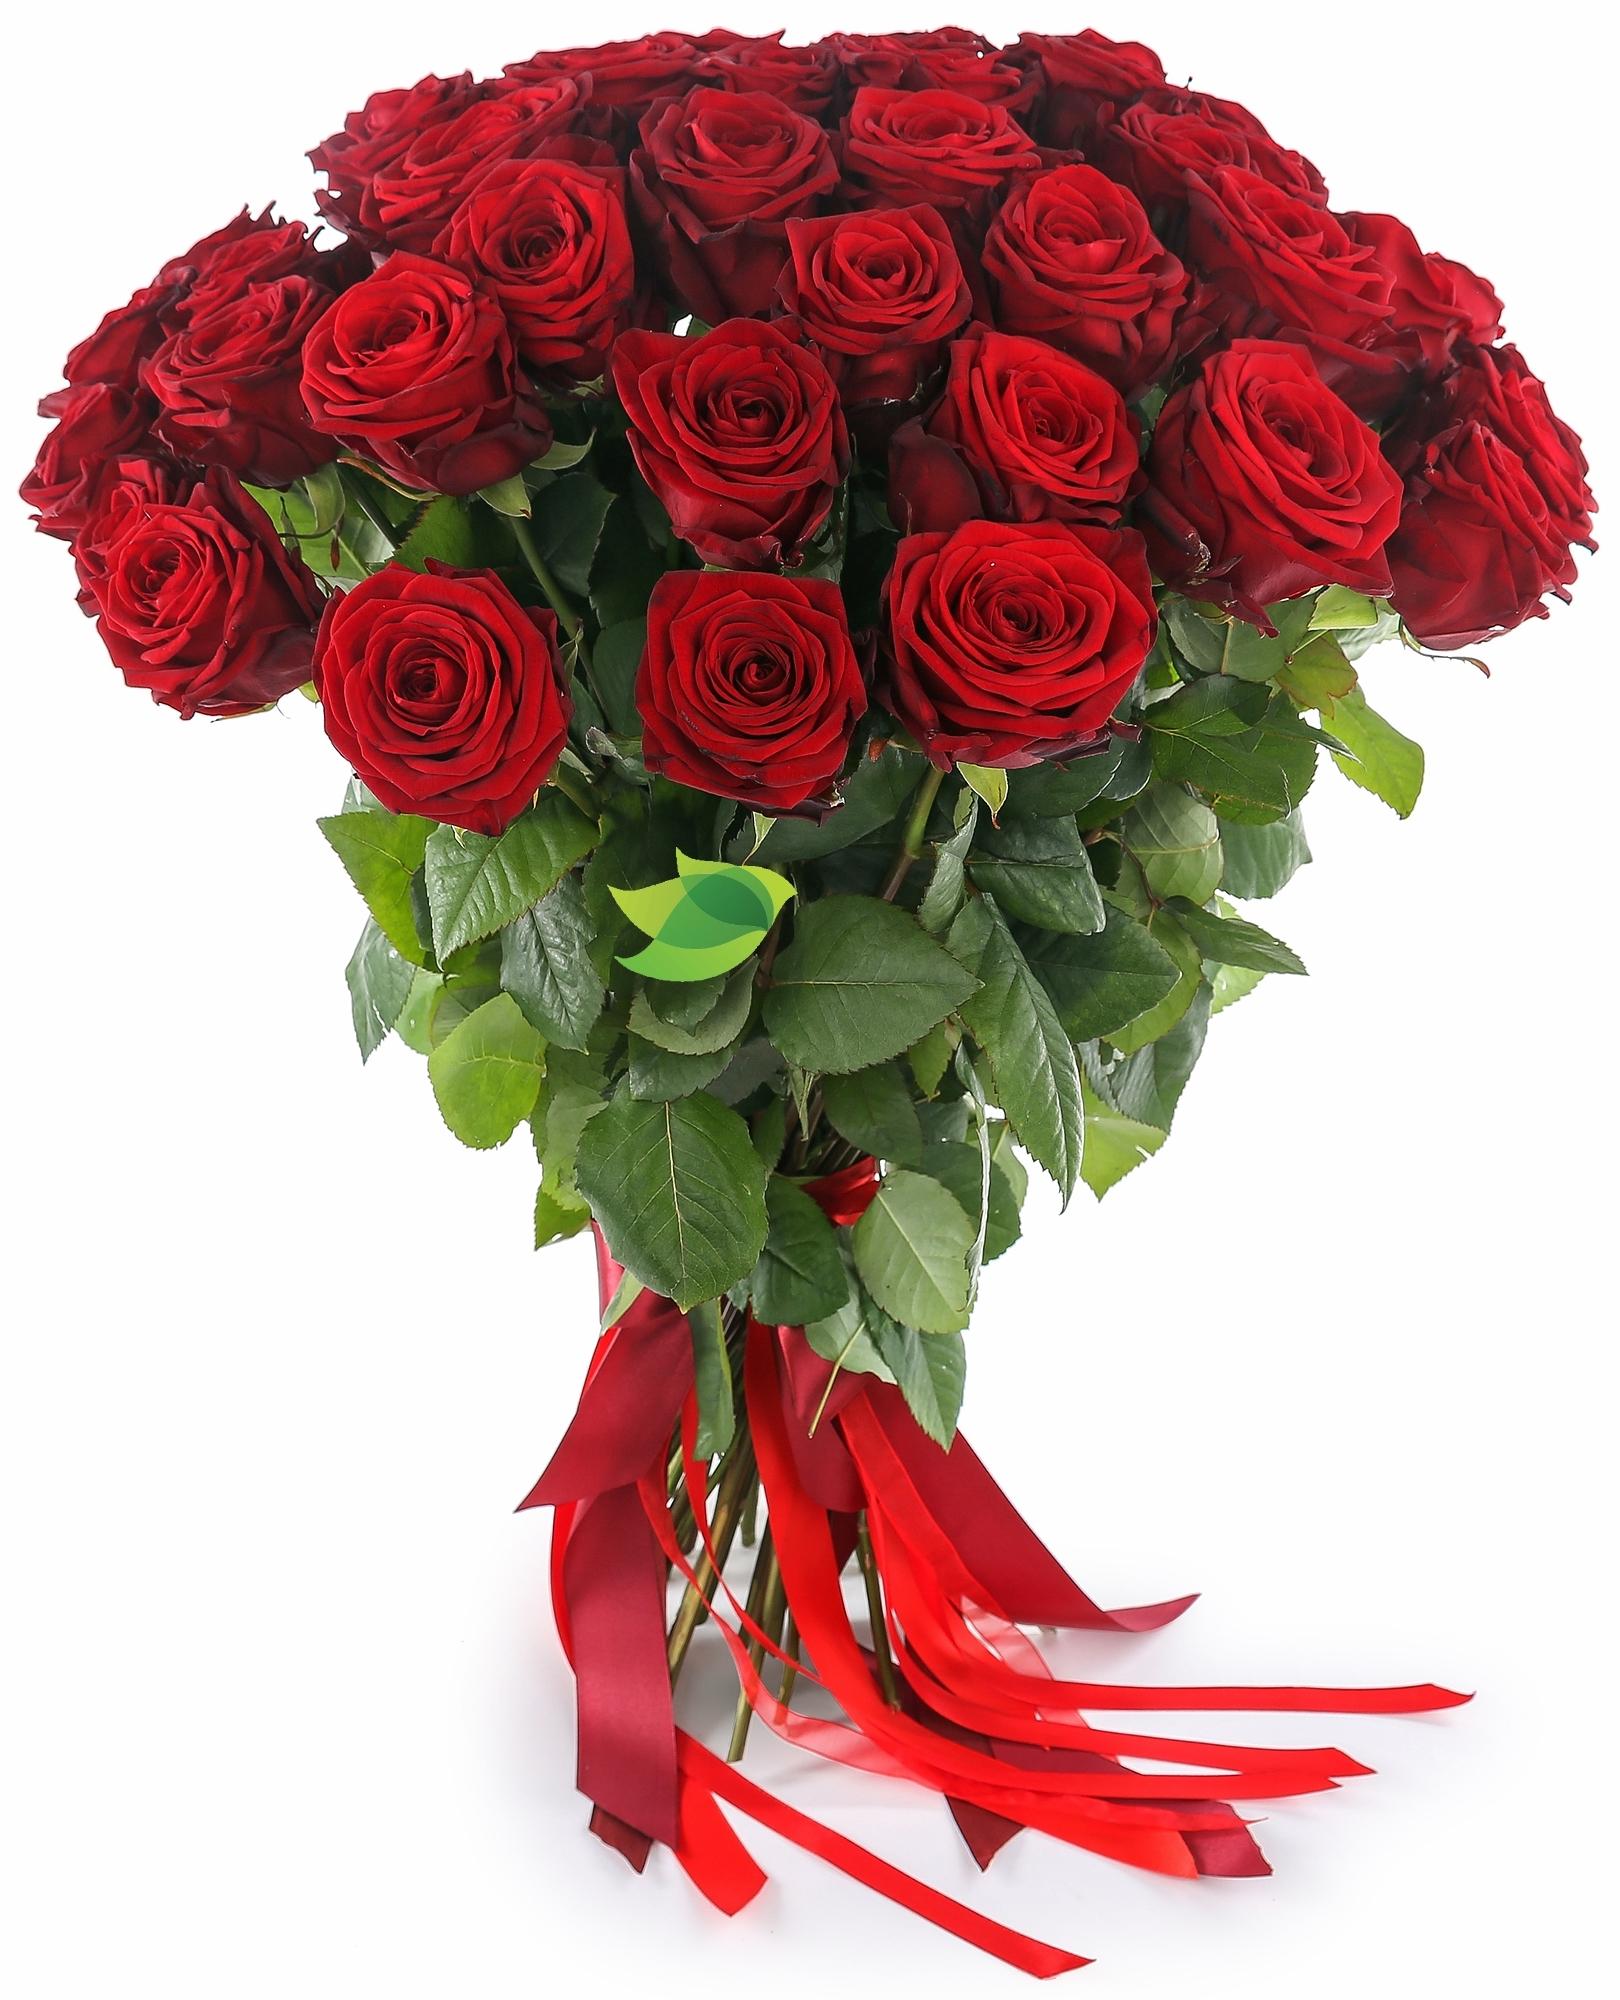 Фото букета: Высокие красные розы